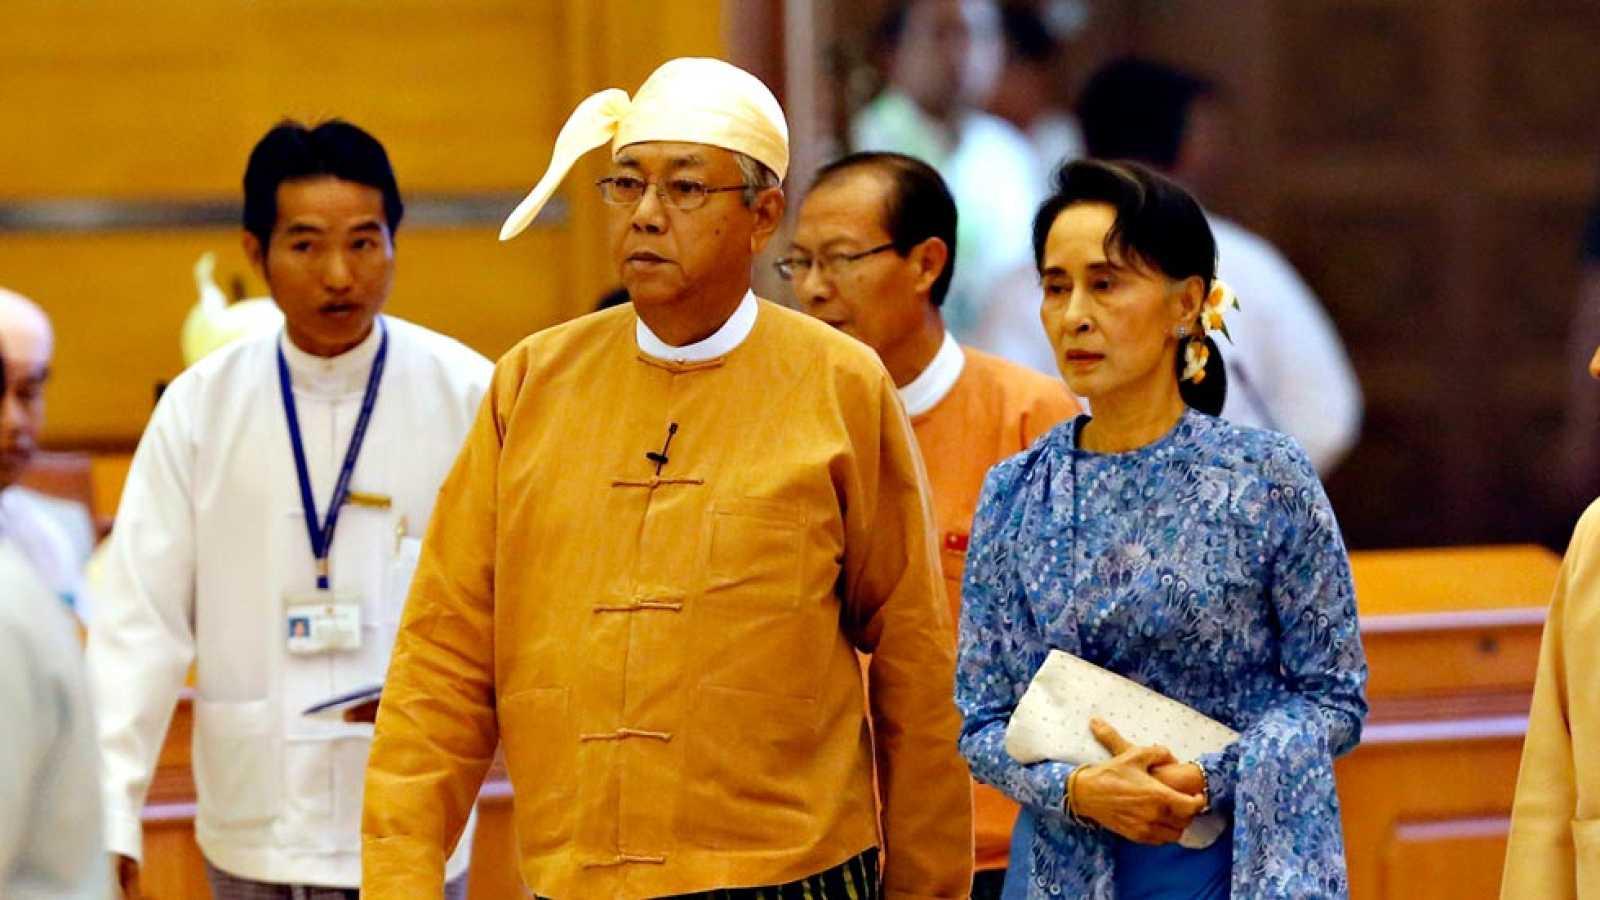 El primer presidente democrático de Birmania en medio siglo ha tomado posesión de su cargo